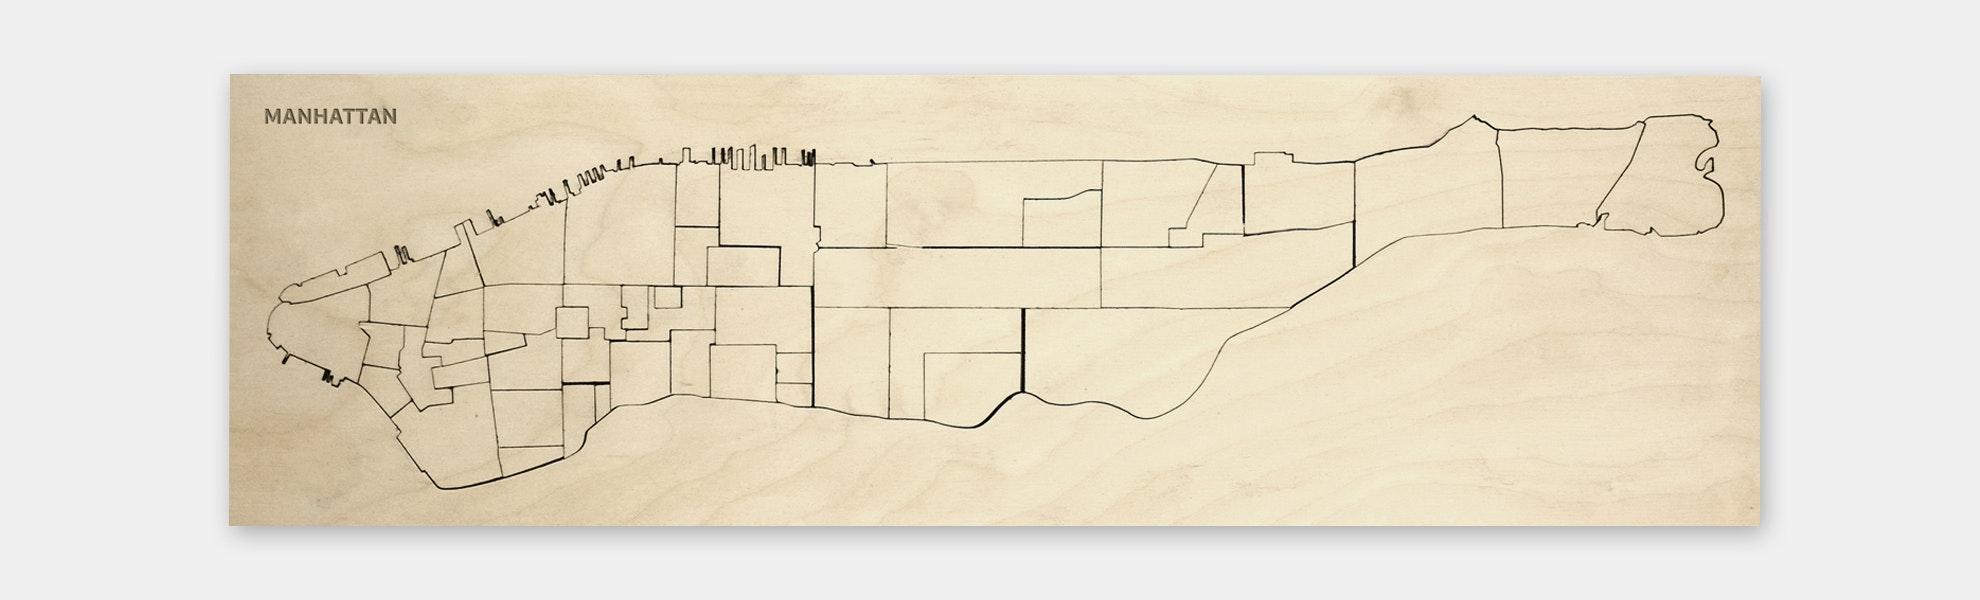 Puzzle Places Wooden Puzzles